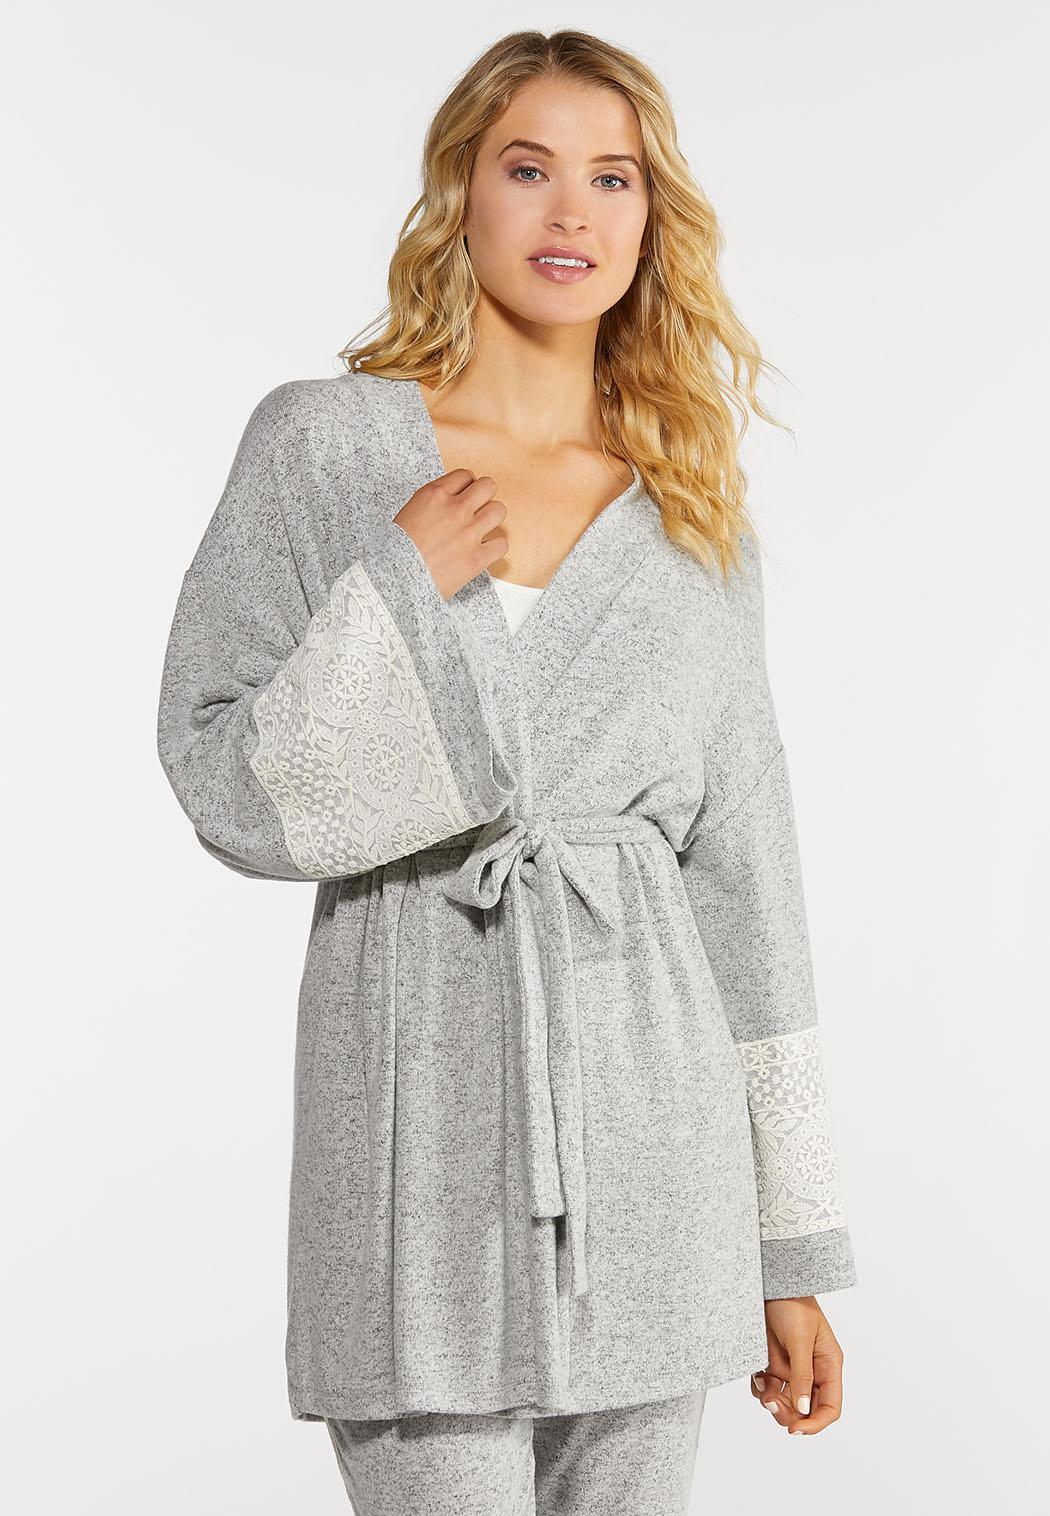 Lace Sleeve Lounge Cardigan